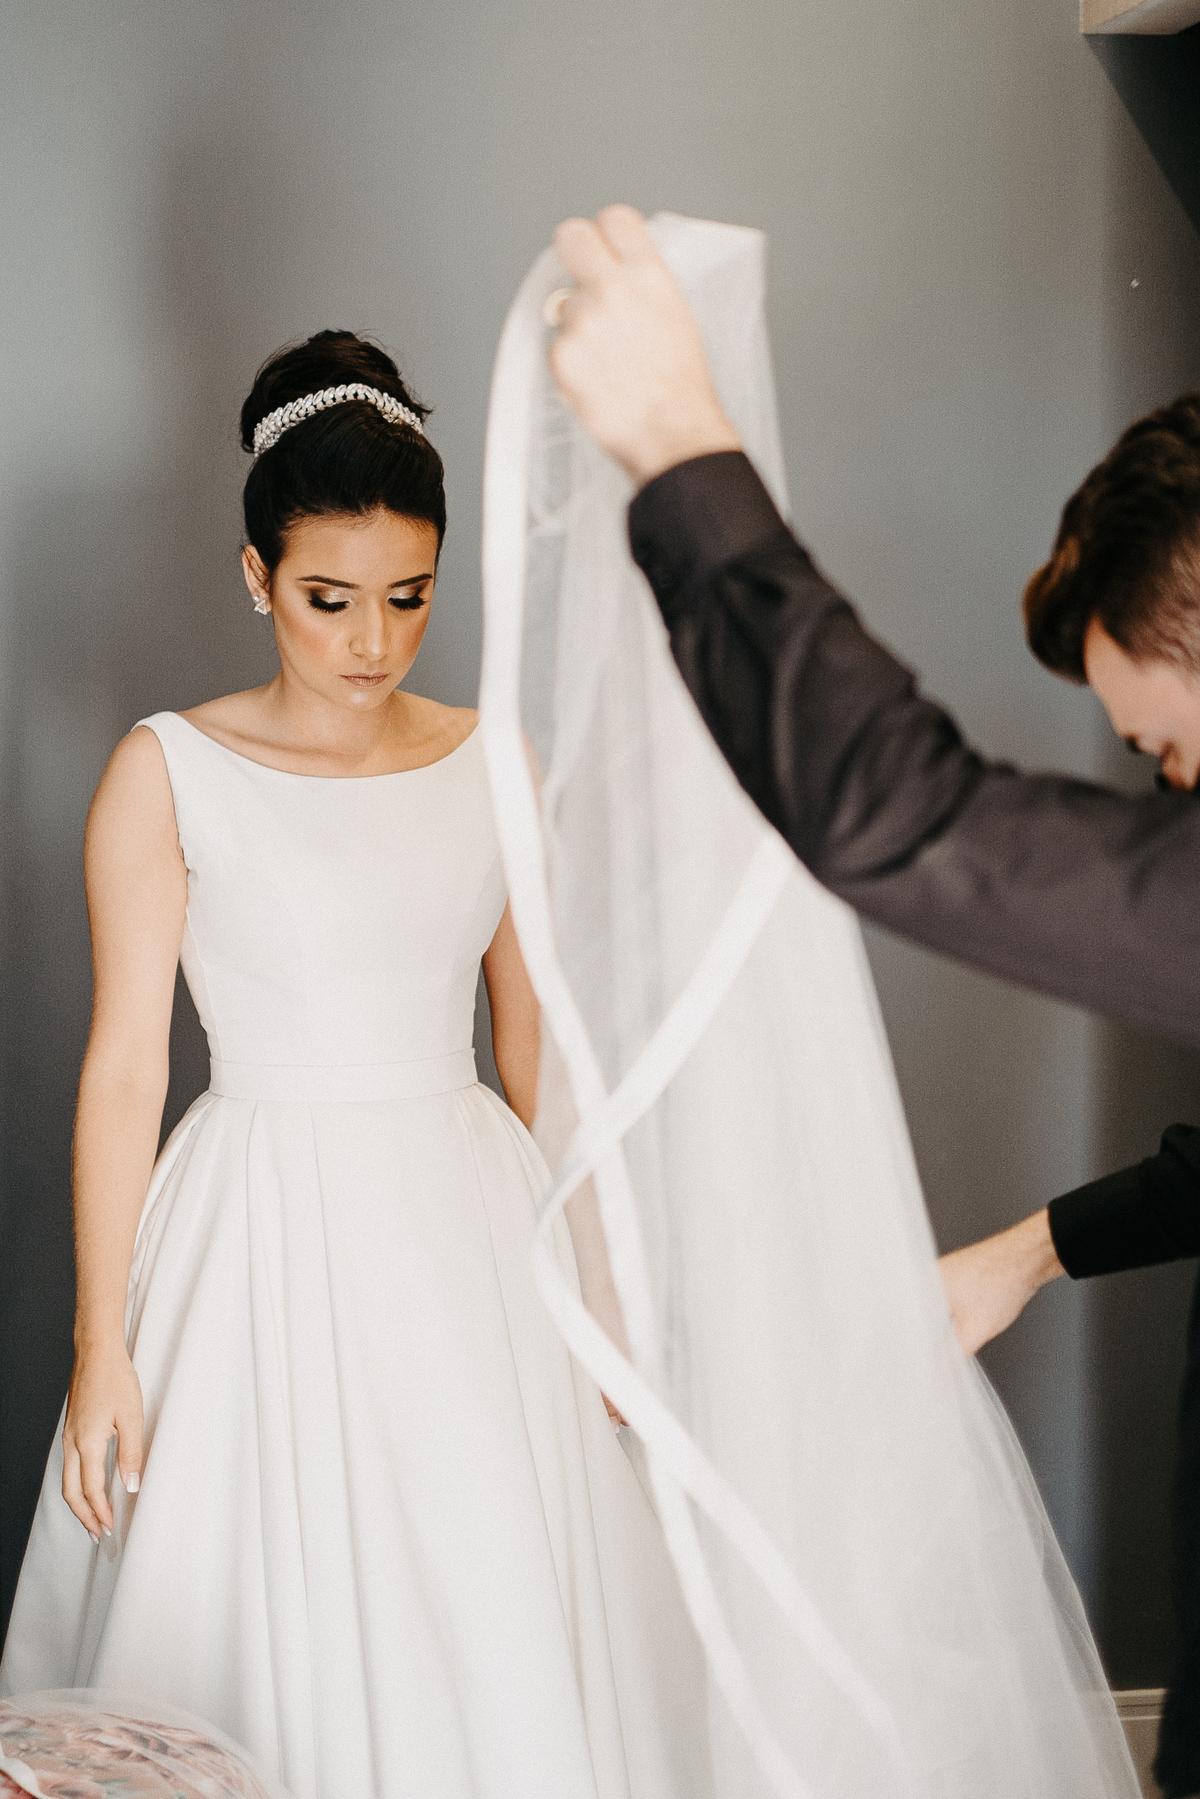 vestido de noiva casamentos de dia cerimonia intimista casamentos no campo mini wedding vestido de noiva fotografos de casamento veu de noiva